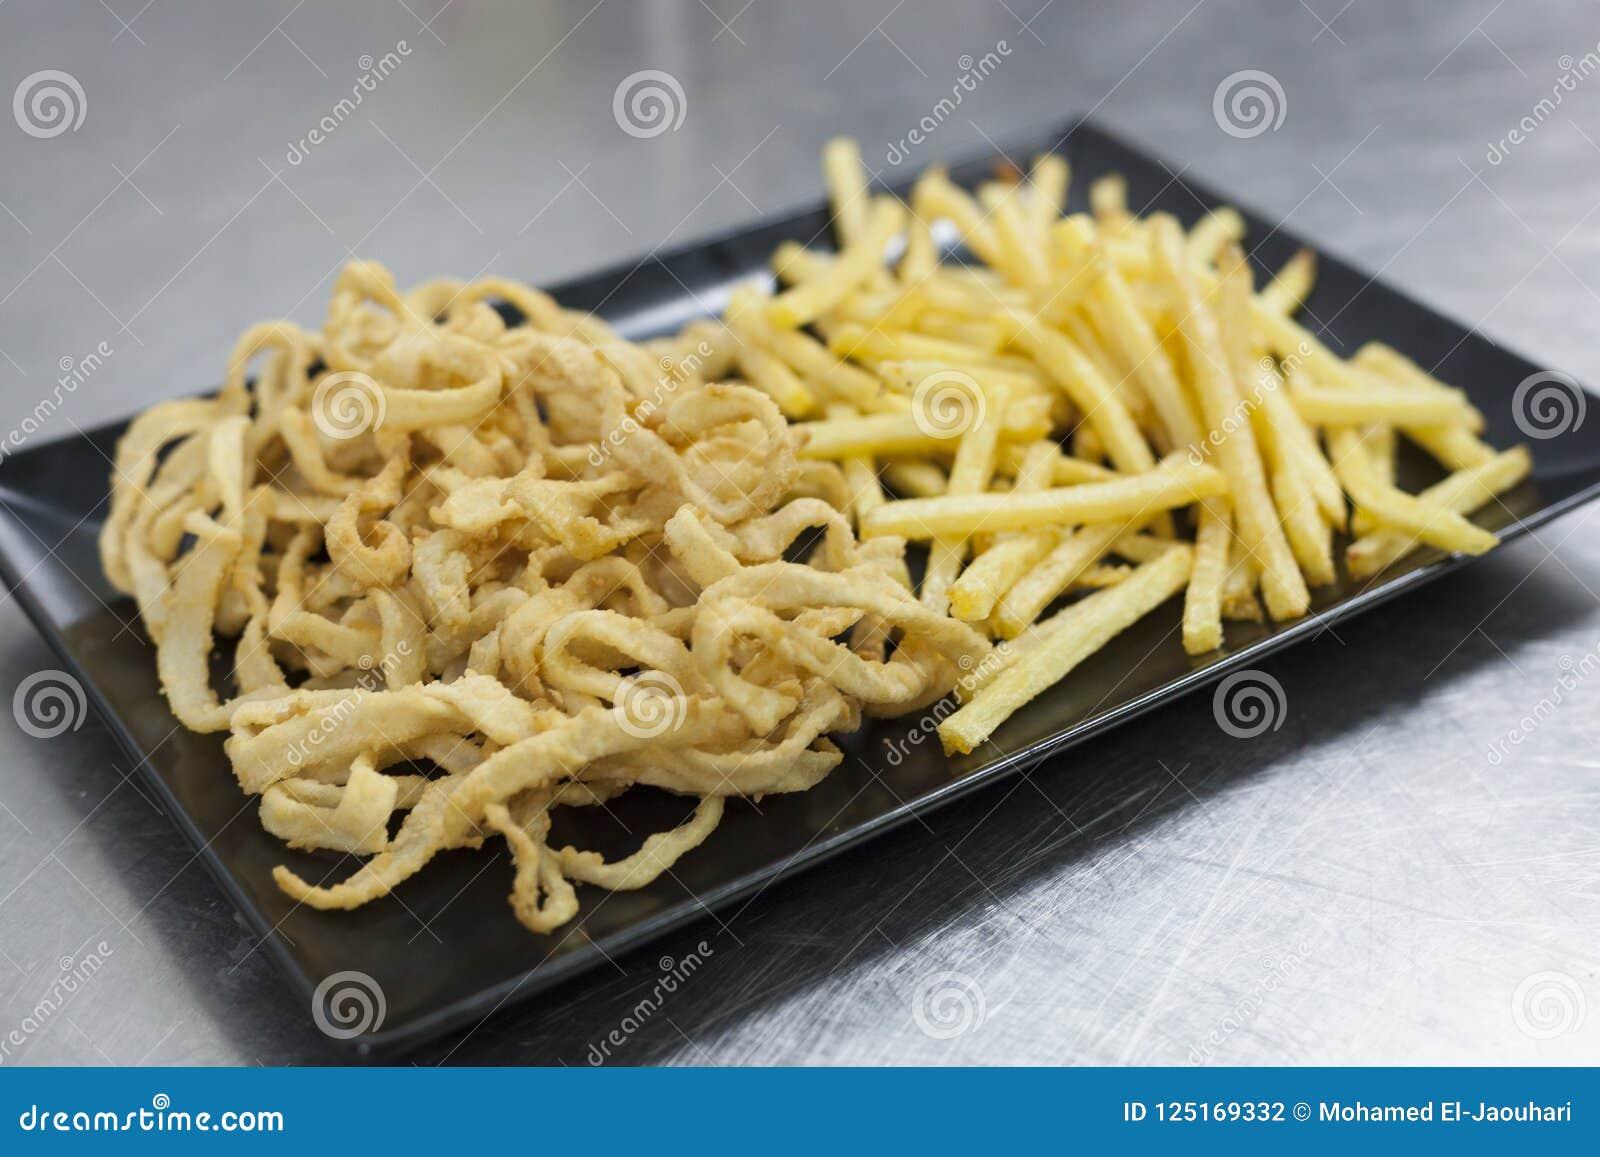 Calmar pané avec des fritures Concept de Plats gastronomiques et de haute cuisine